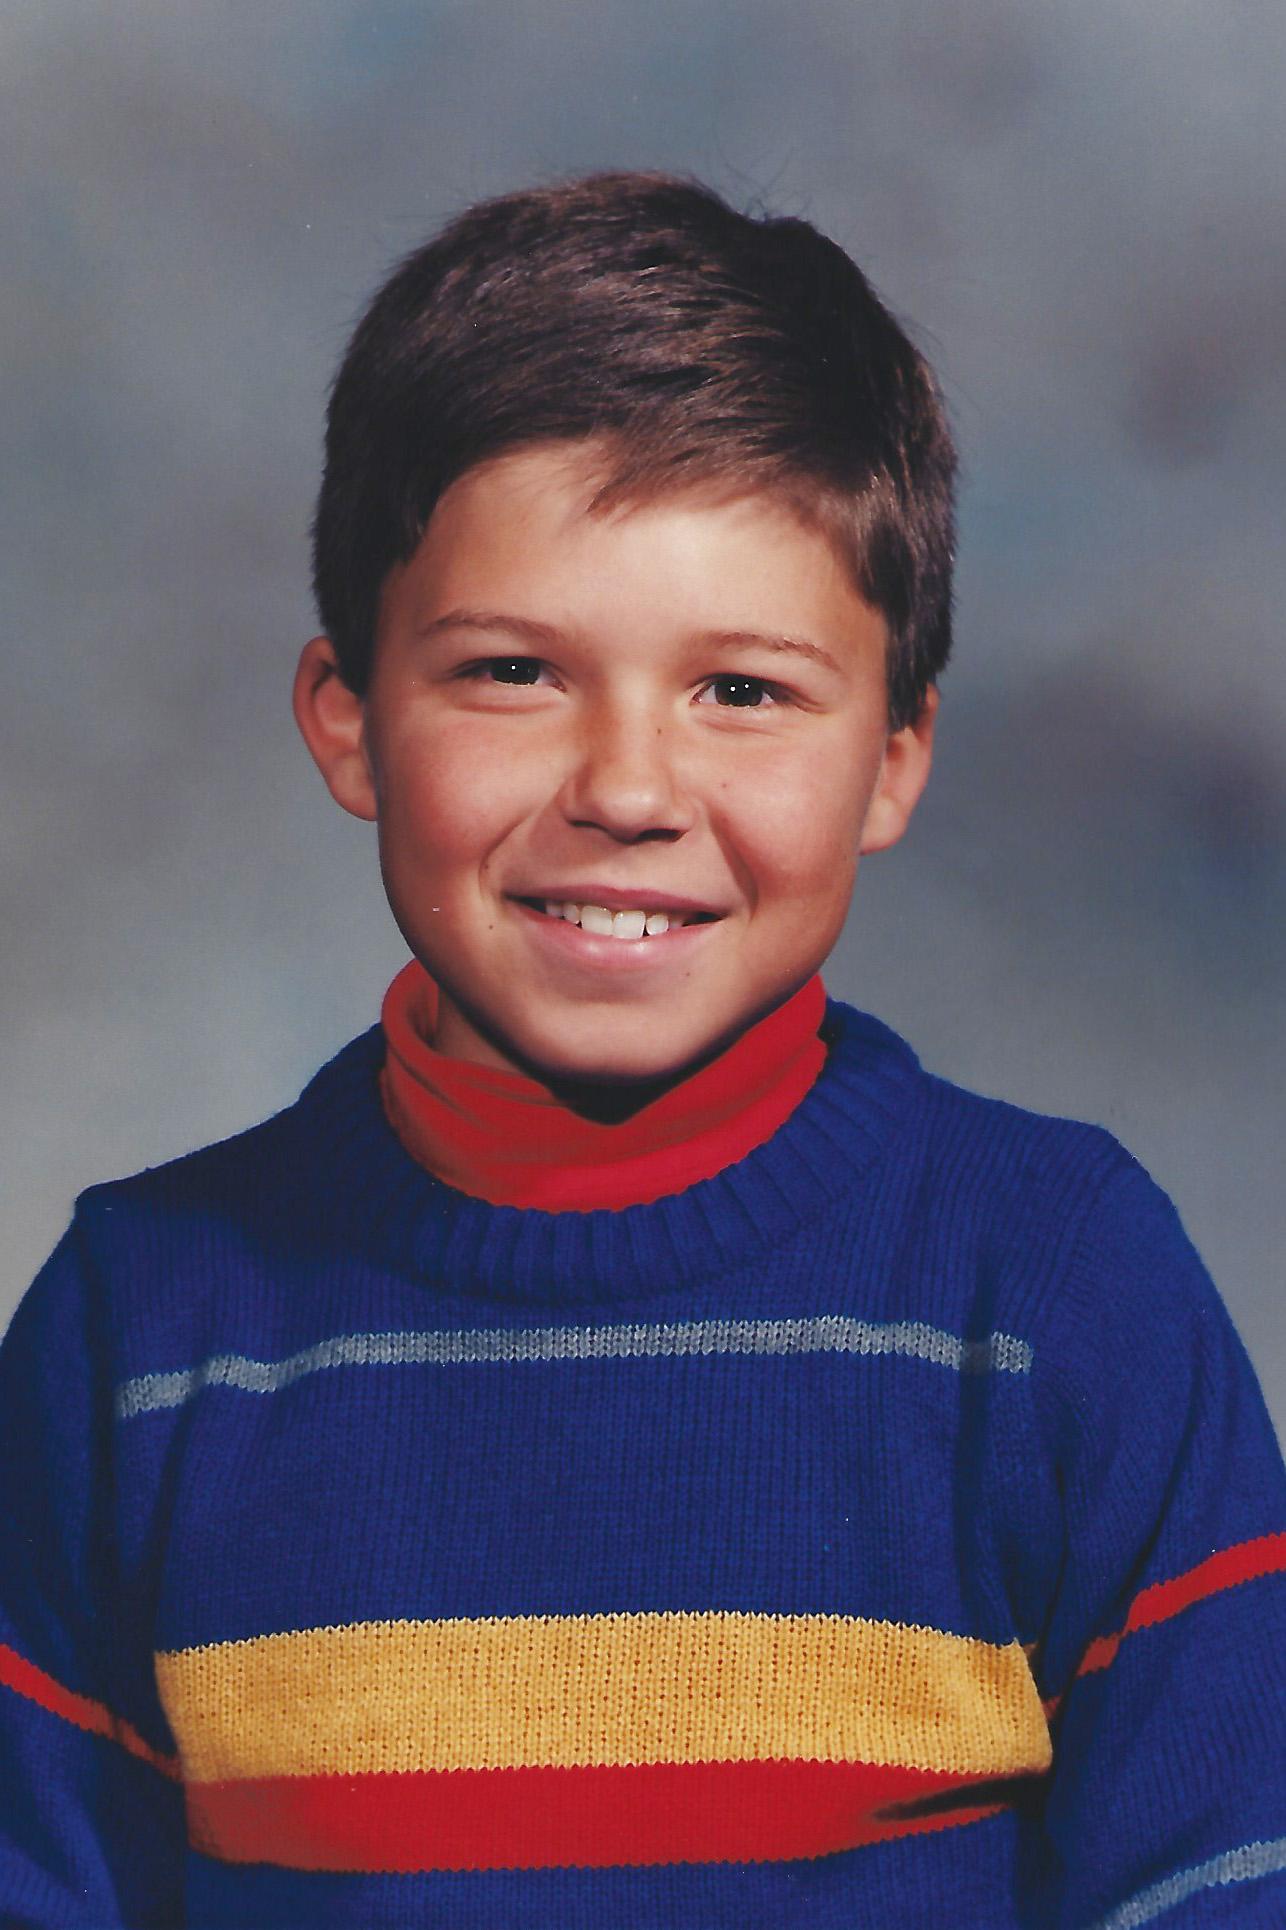 Blake Morin Kid Picture